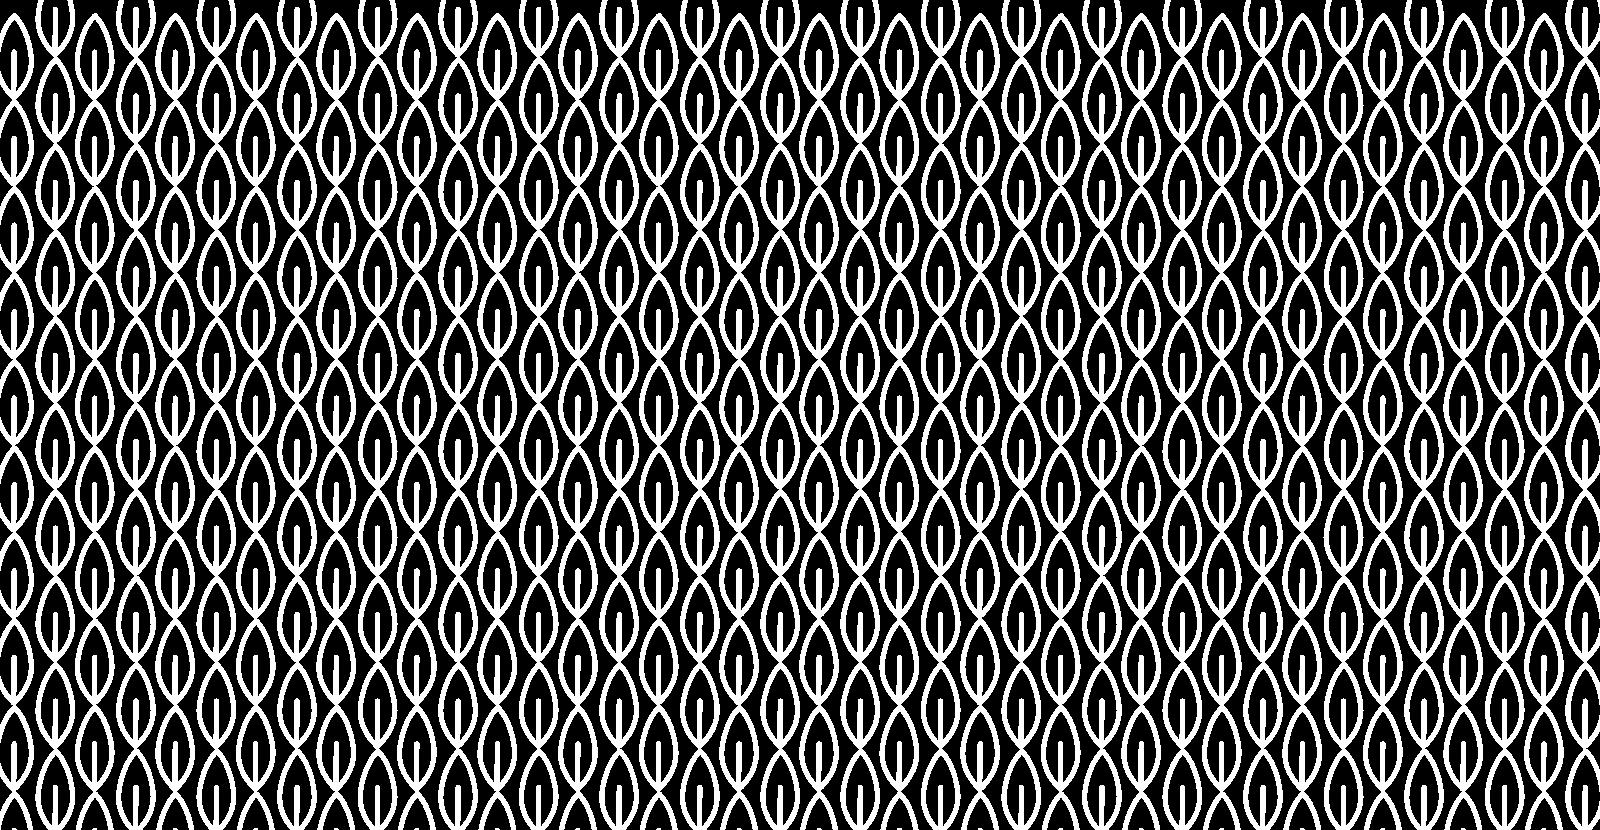 Beechtree pattern